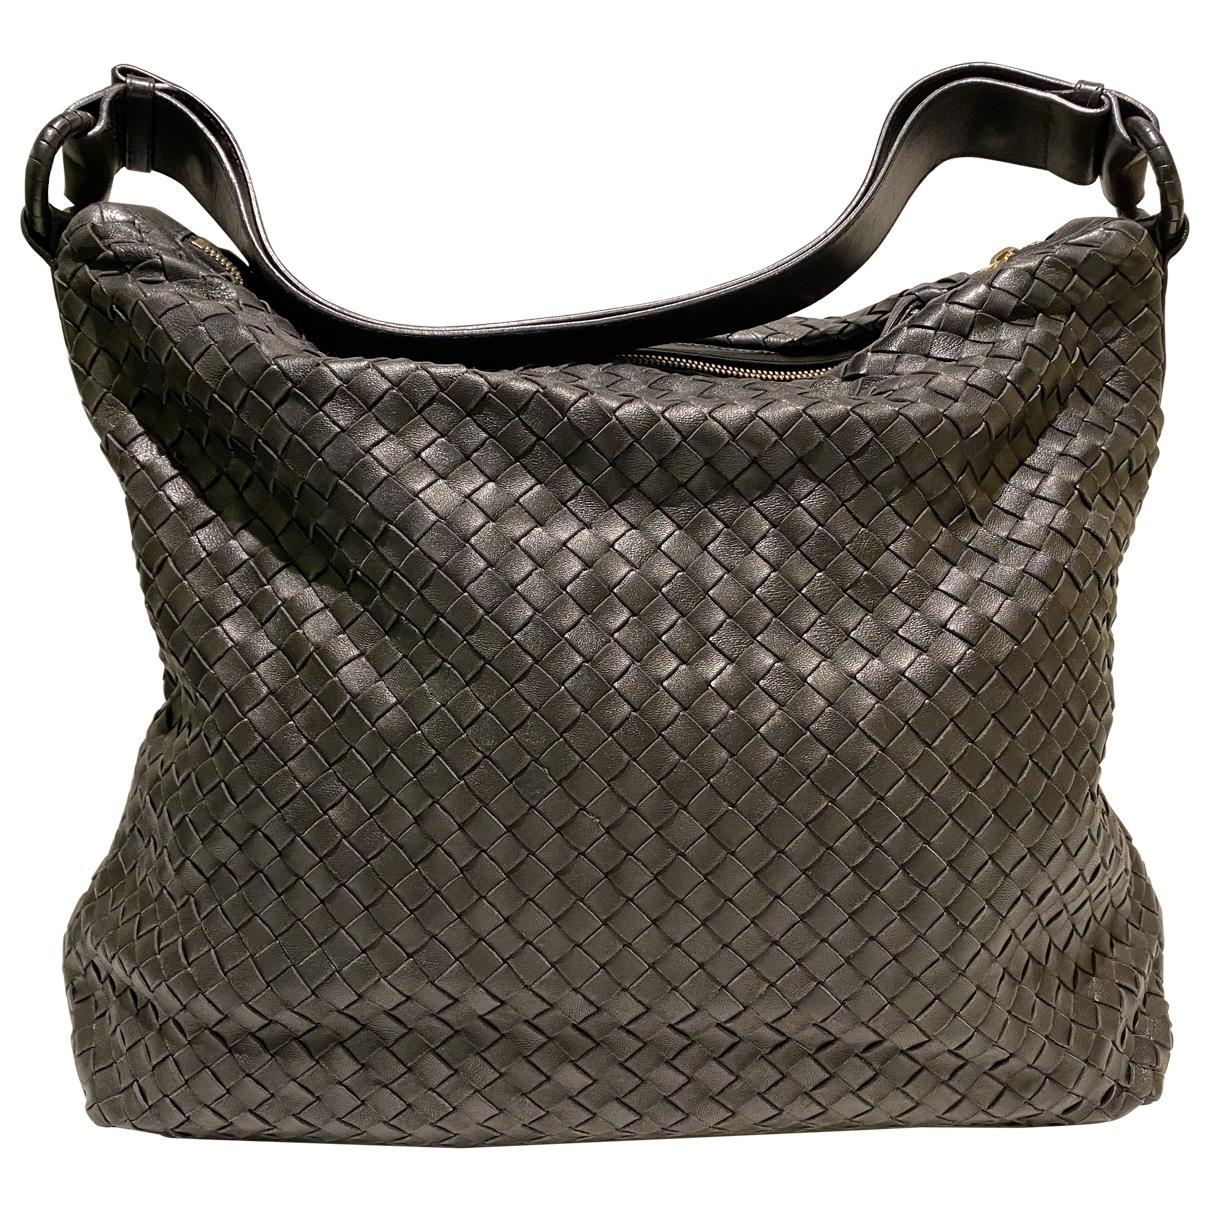 Bottega Veneta - Sac a main Veneta pour femme en cuir - noir